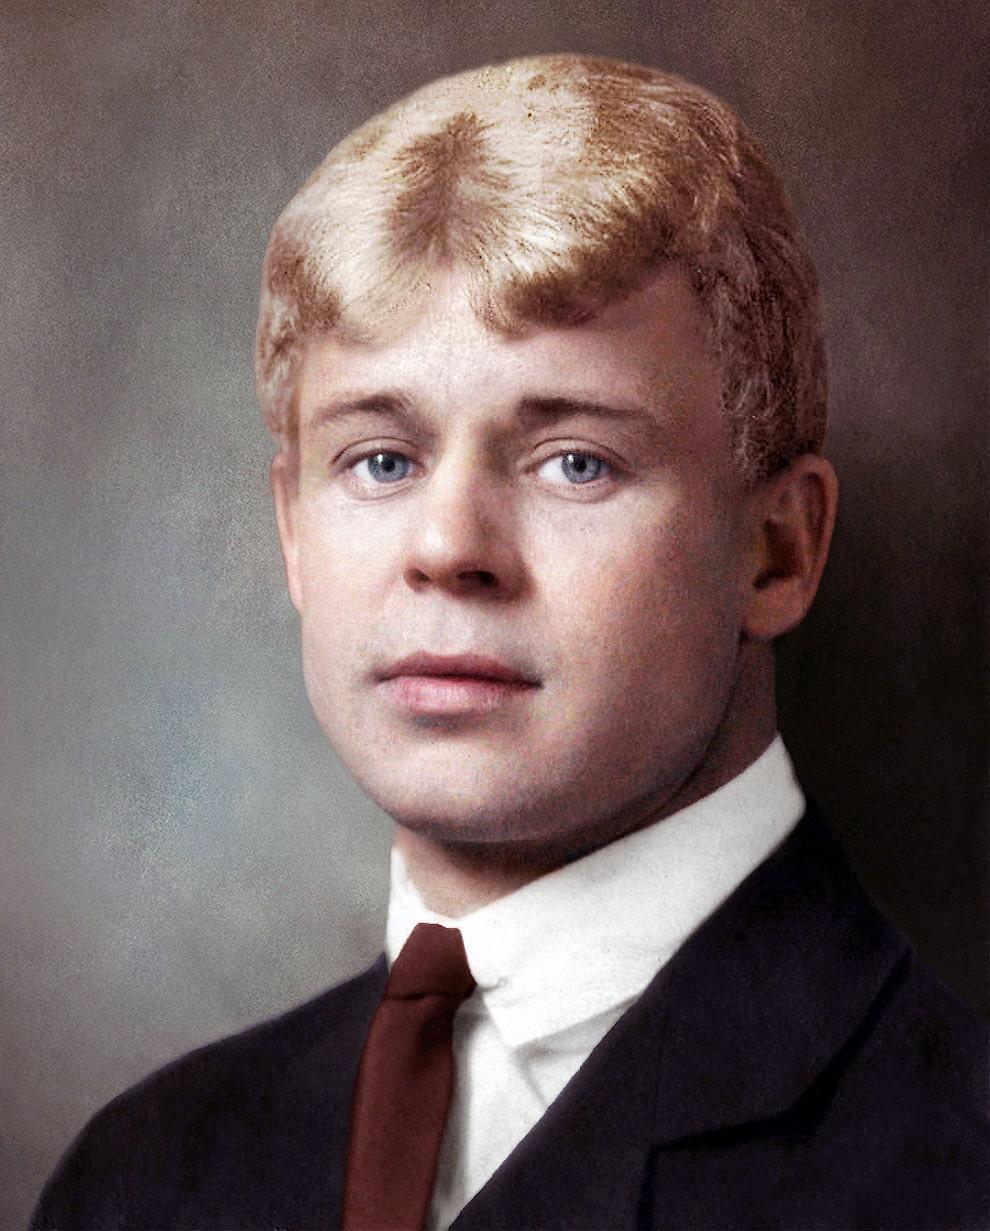 125 лет назад, 3 октября 1895 года, родился Сергей Есенин – один из самых известных и любимых русских поэтов XX века.